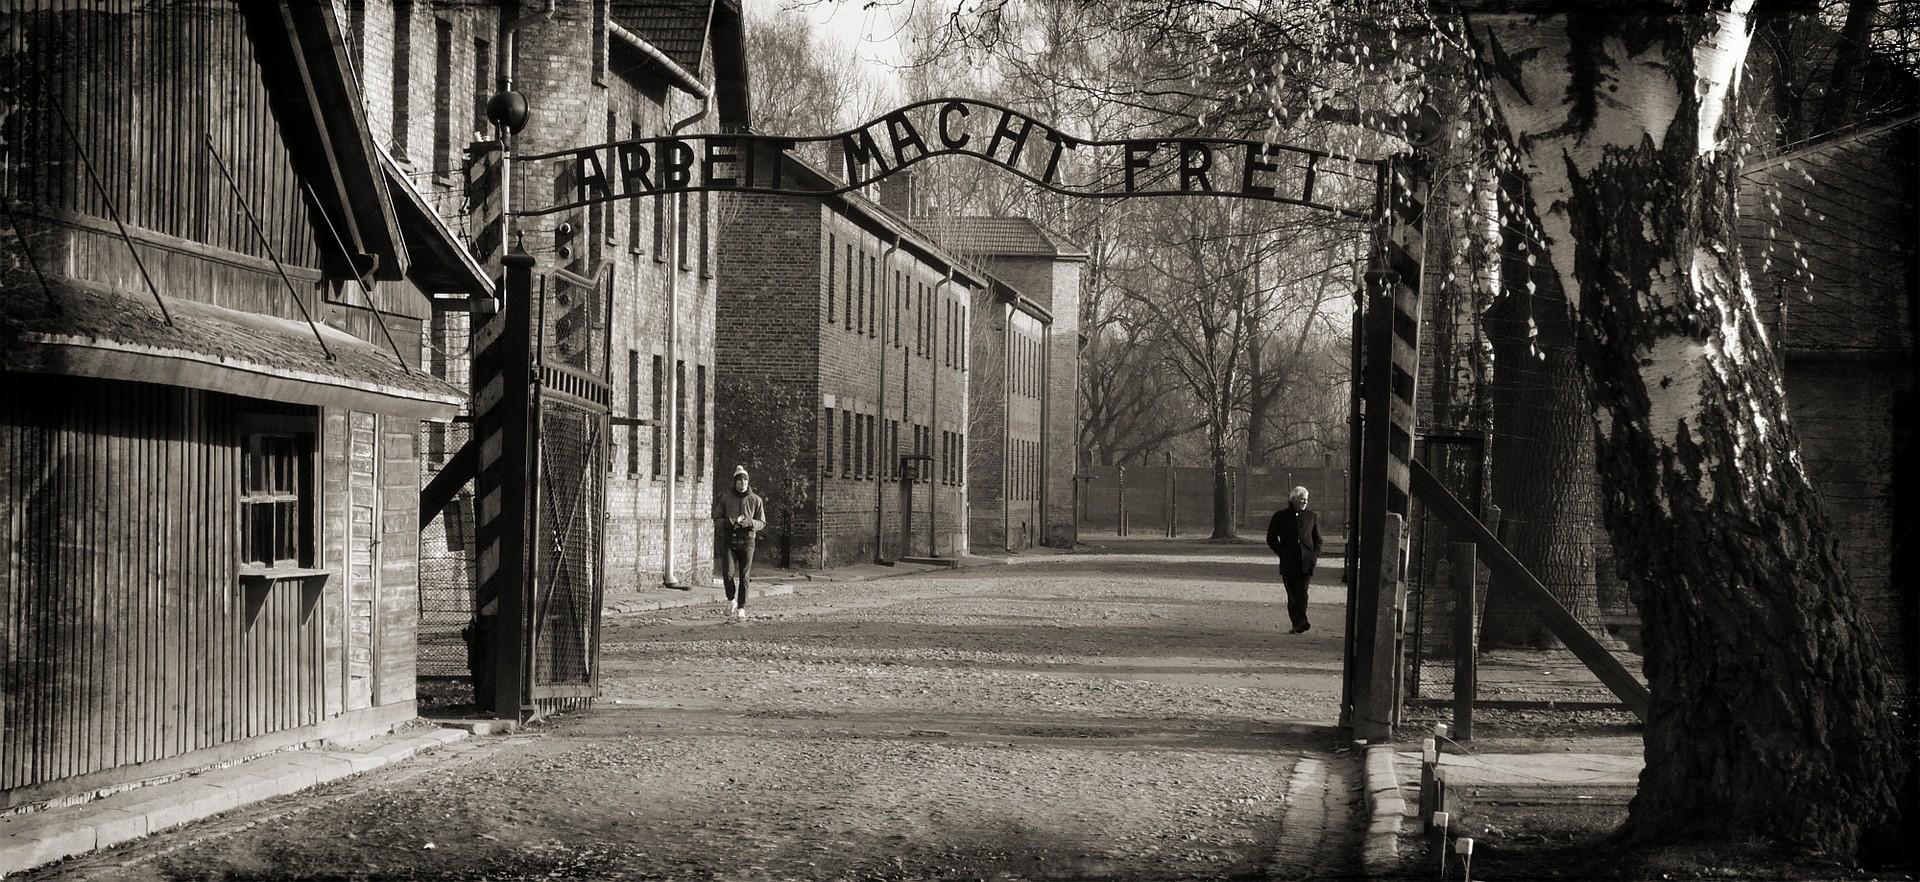 """Frase colocada na entrada de Auschwitz que, em alemão, diz """"o trabalho liberta"""". (Foto: Creative Commons / DzidekLasek )"""